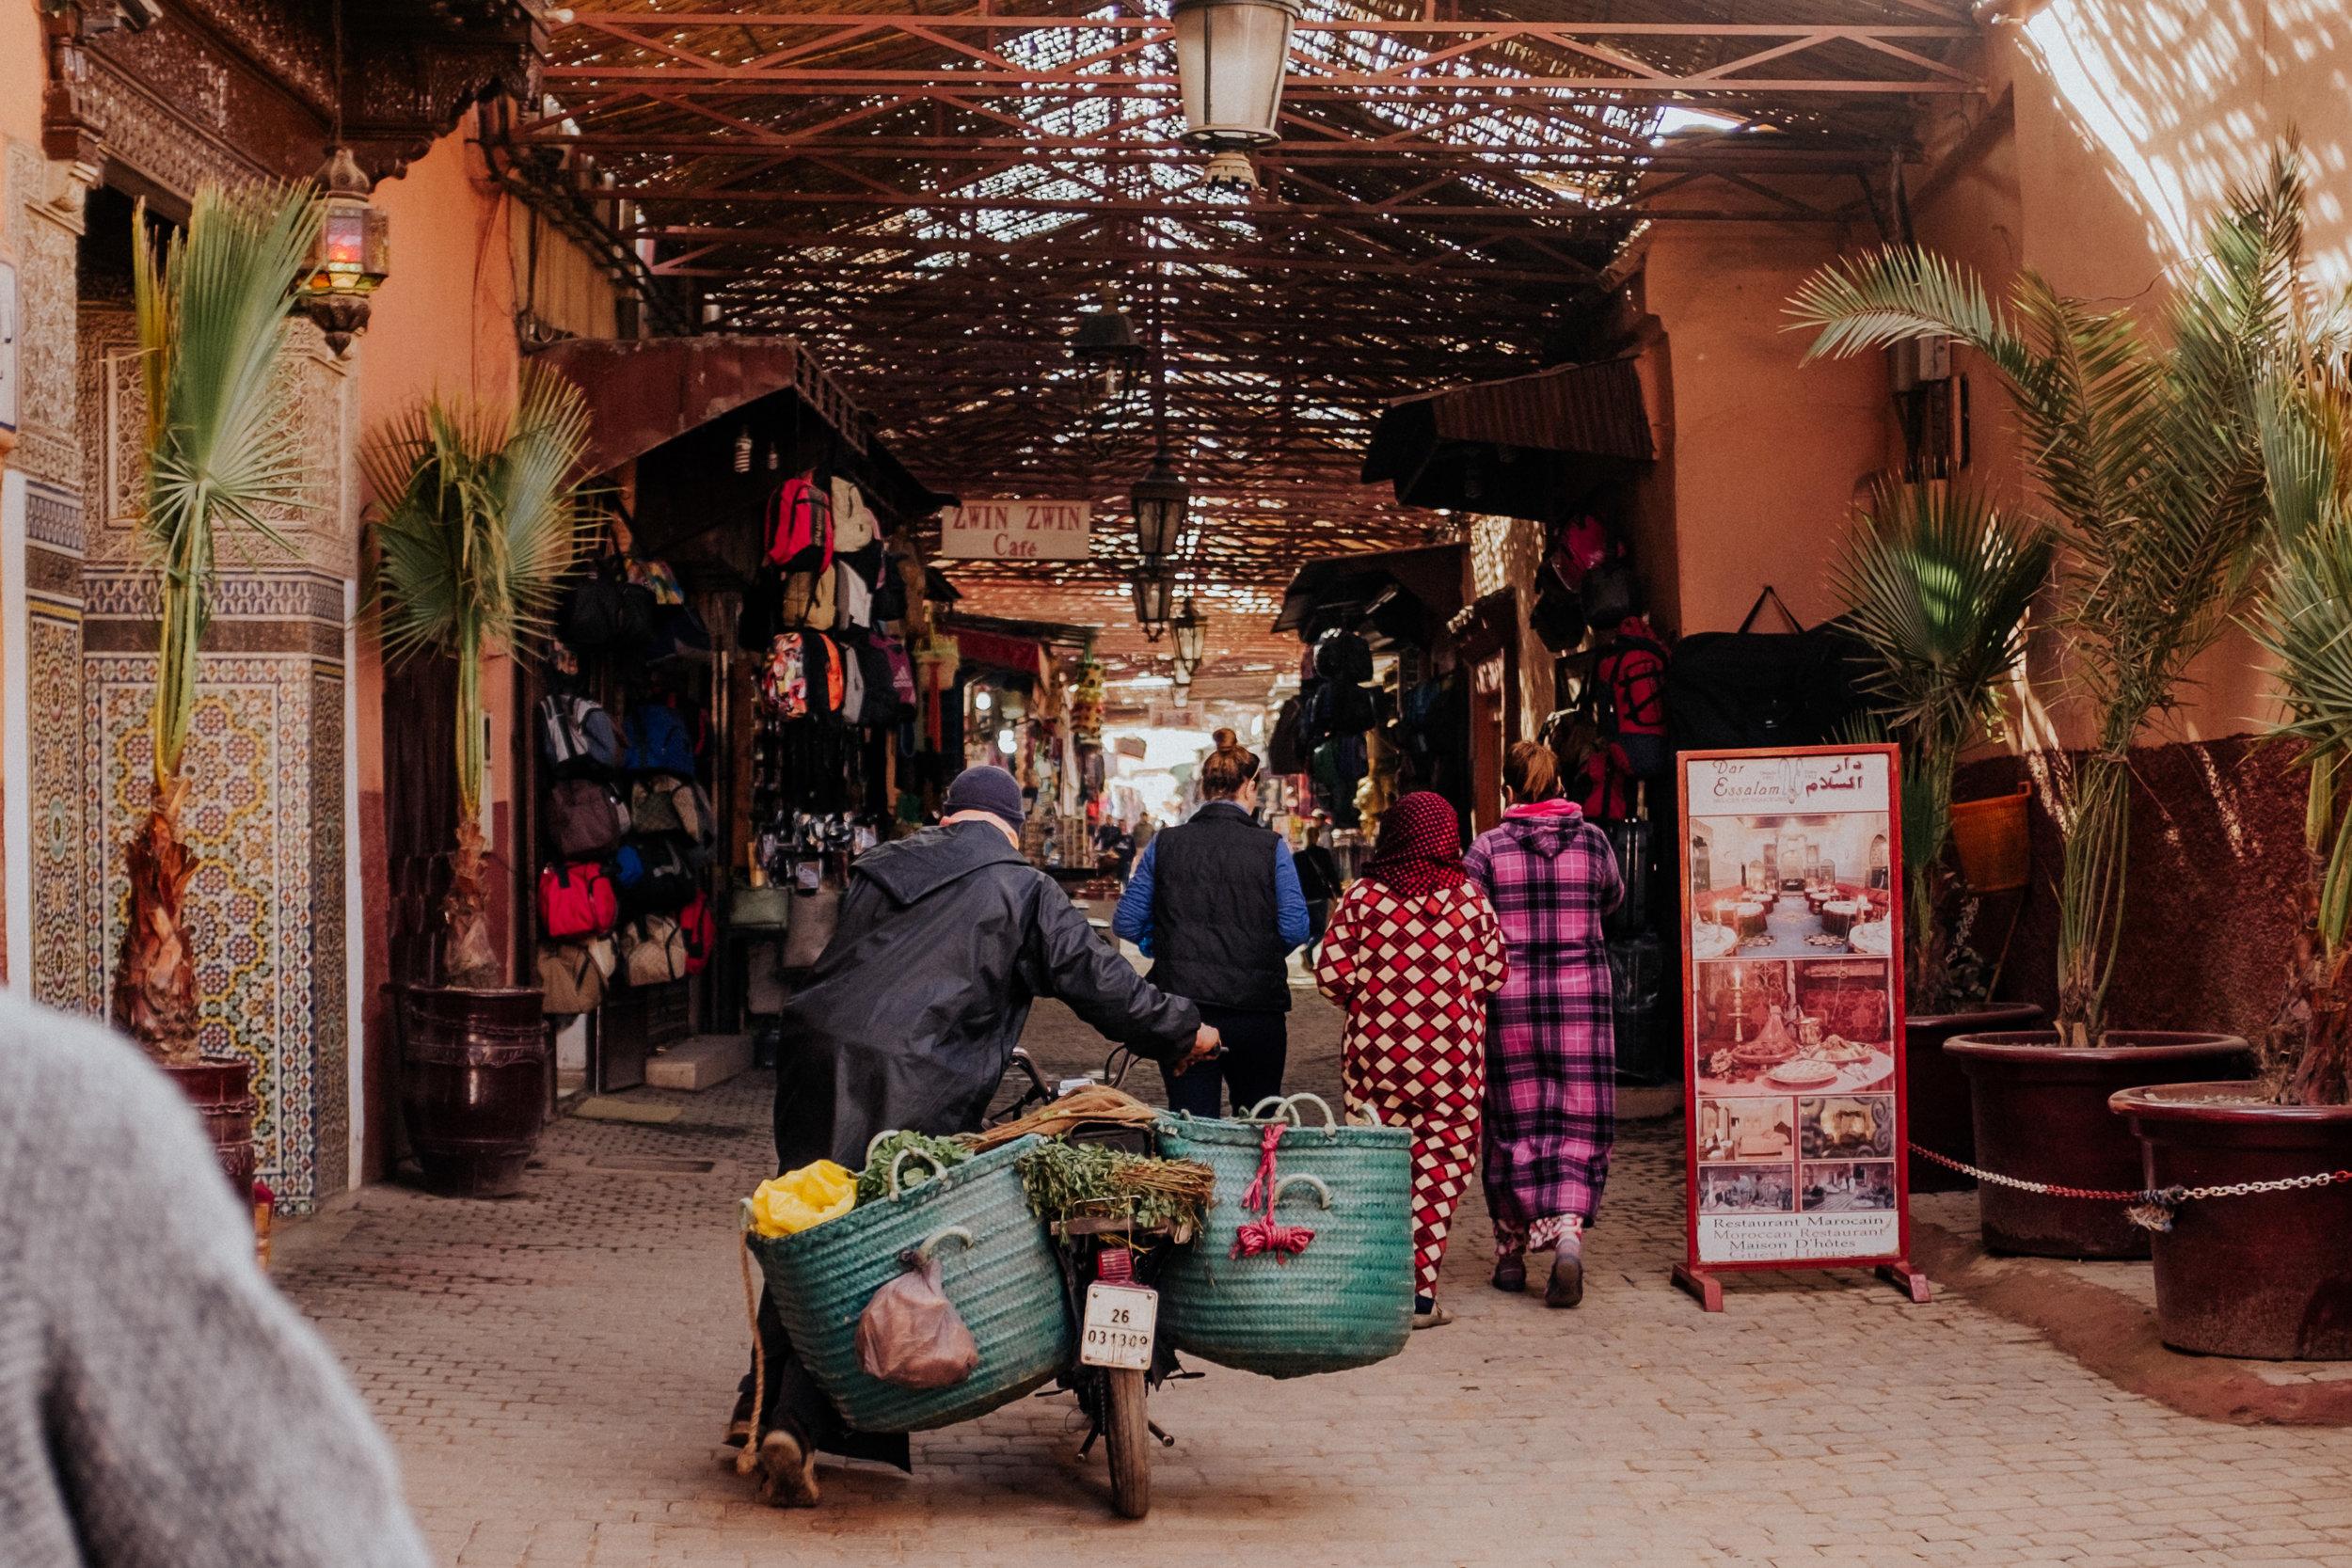 Morocco_2018_02_13_122928-01451_CMB.jpg